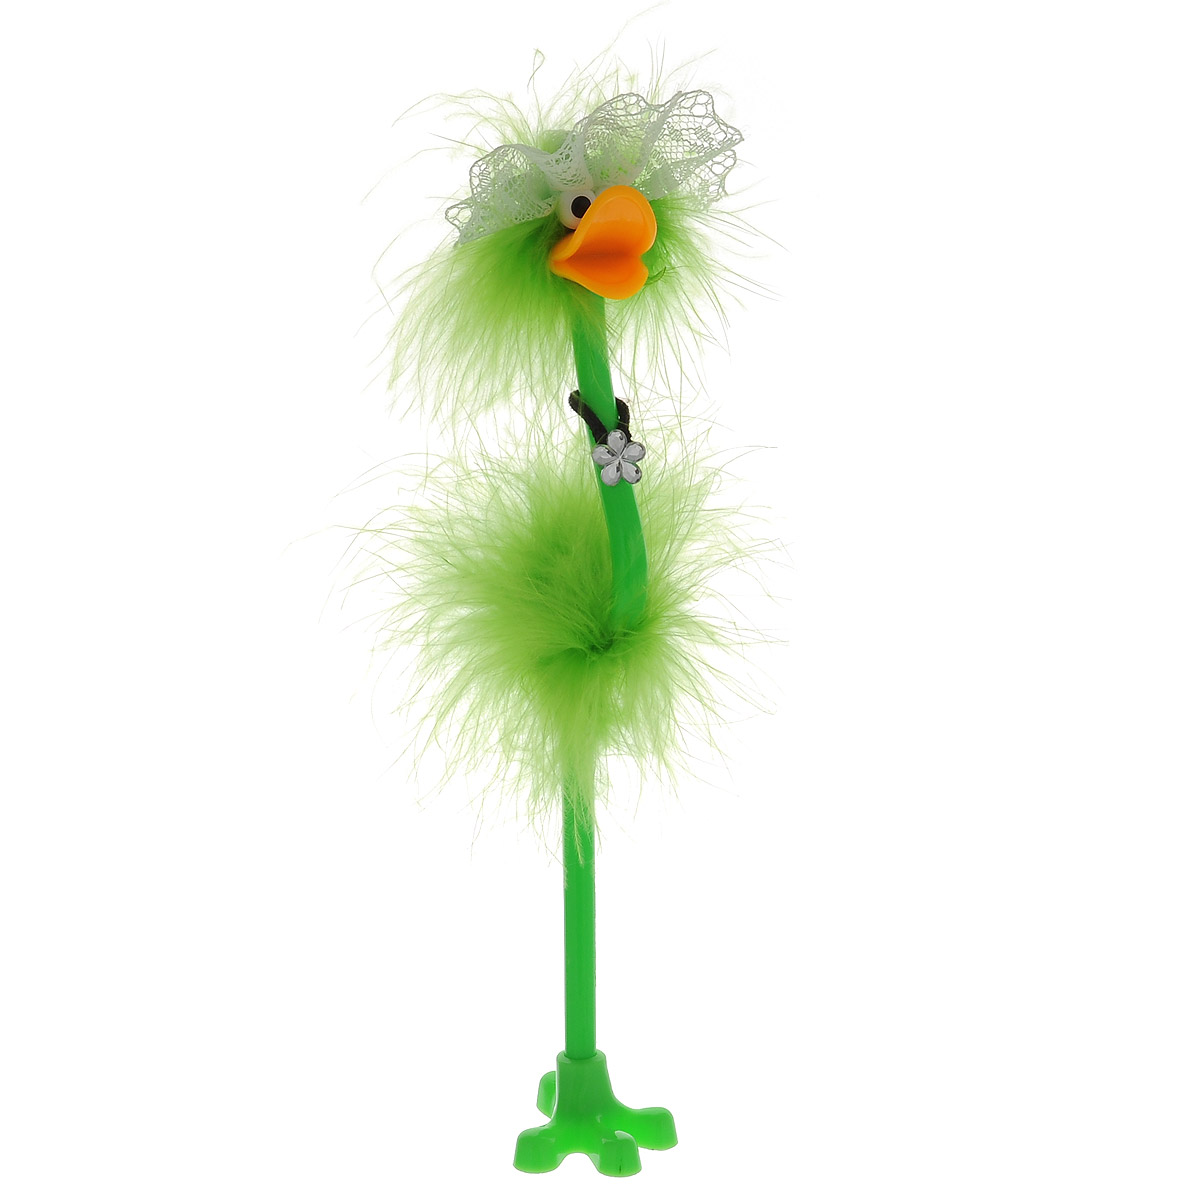 Ручка-игрушка Flamingo, в кружевной шляпке, с подставкой, цвет: салатовый82965_салатовый, шляпкаОригинальная шариковая ручка-игрушка Flamingo станет отличным подарком и незаменимым аксессуаром на вашем рабочем столе. Ручка, украшенная перьями, выполнена в виде забавной птички фламинго в широкополой кружевной шляпке. К ручке прилагается подставка в виде лапки.Такая ручка - это забавный и практичный подарок, она не потеряется среди бумаг и непременно вызовет улыбку окружающих.